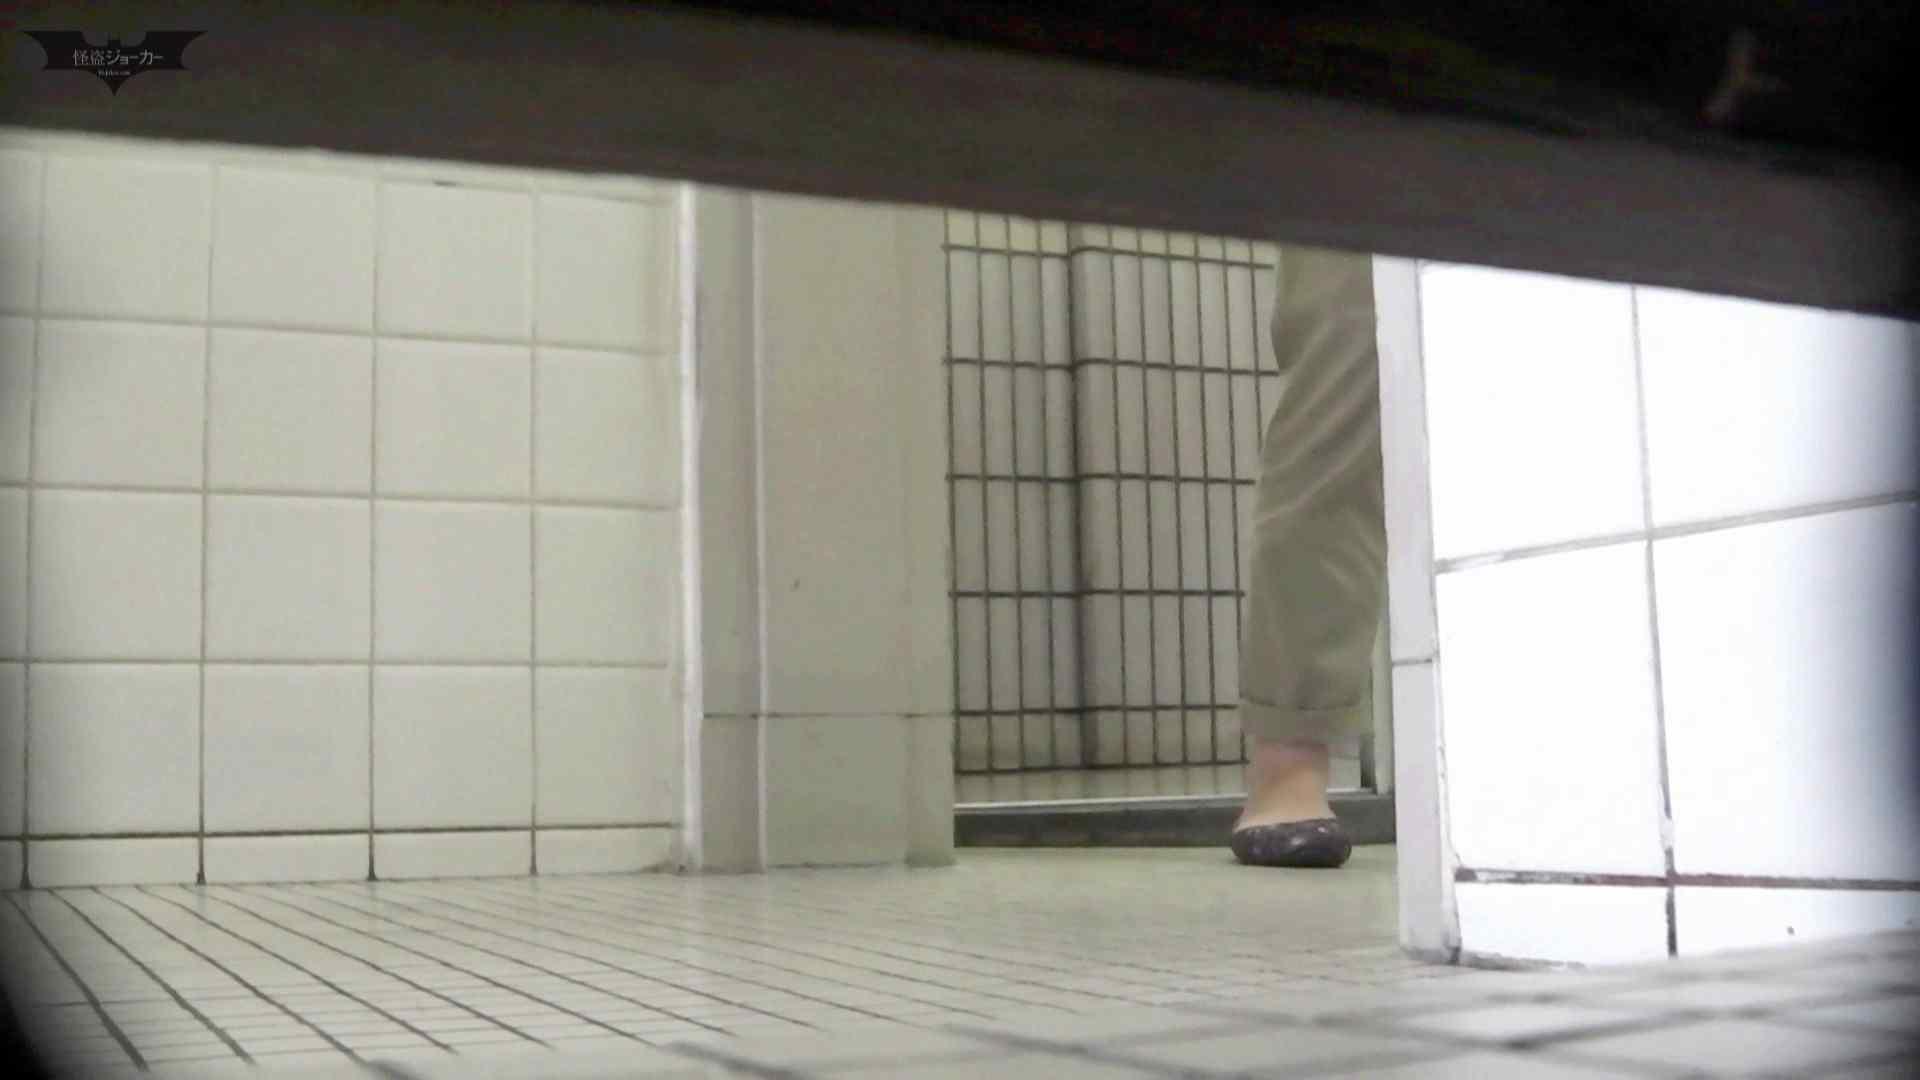 洗面所特攻隊 vol.68 前回のスーパー美女がついに【2015・14位】 洗面所着替え   OL  97連発 48